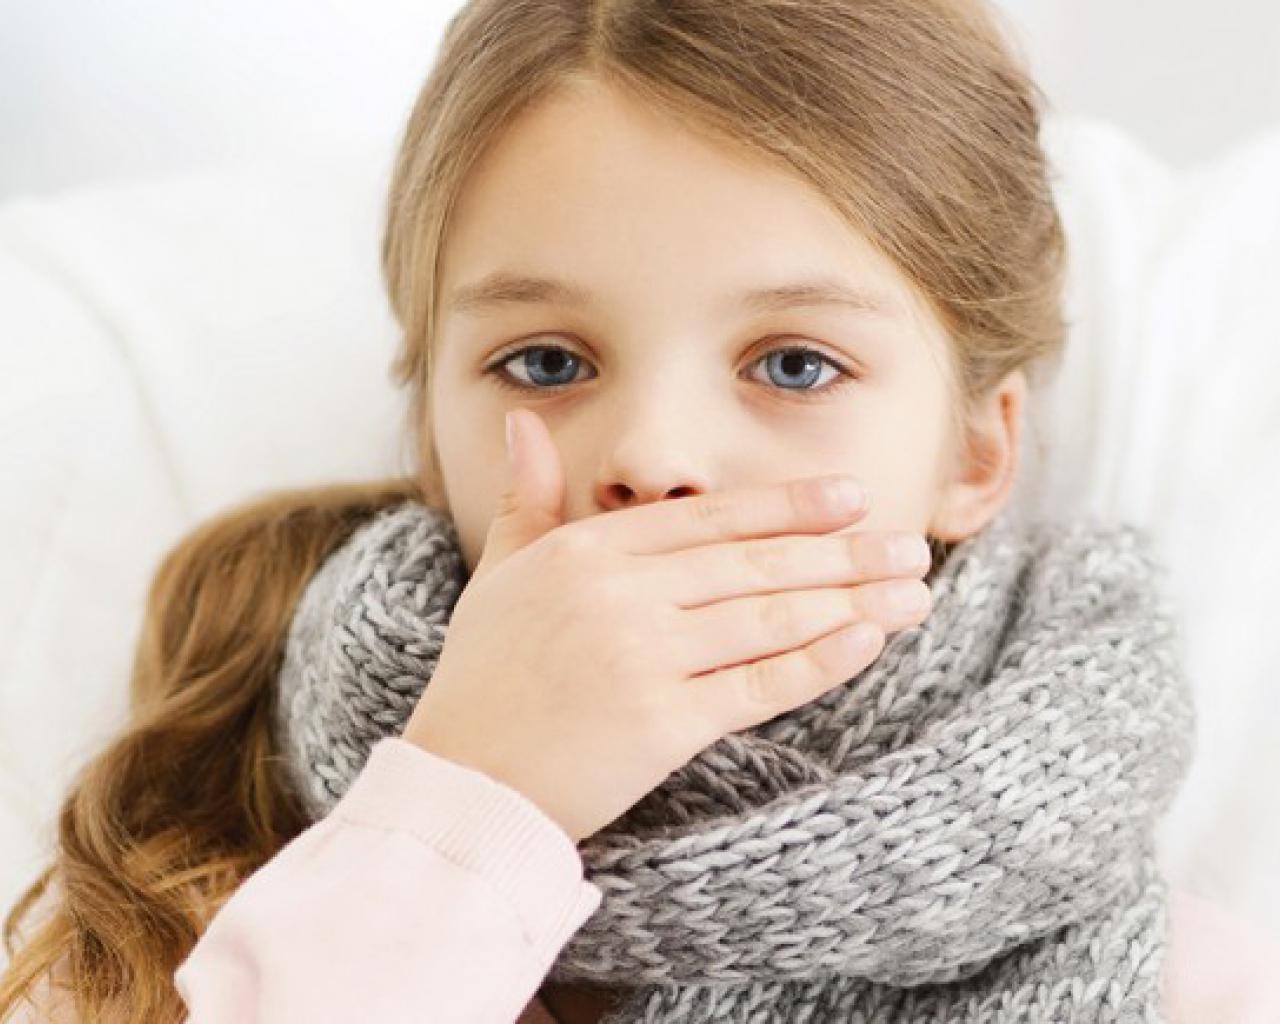 f52b5f98c4 Alergias de invierno: ¿cómo afectan a los pequeños? - ElSol.com.ar ...